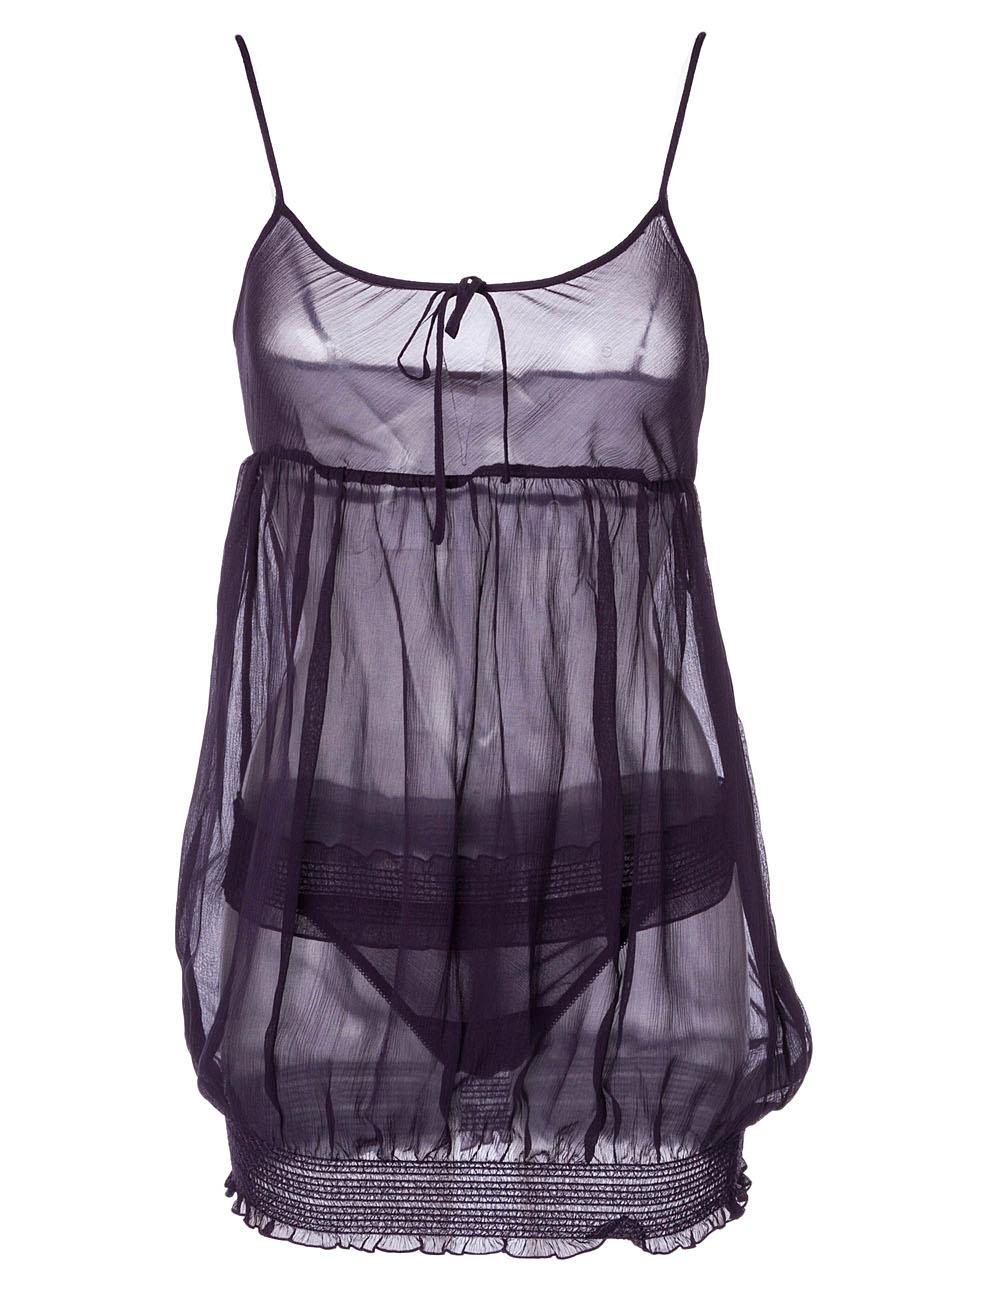 chantal thomass paris lingerie violet taille 34 xs 100 soie. Black Bedroom Furniture Sets. Home Design Ideas